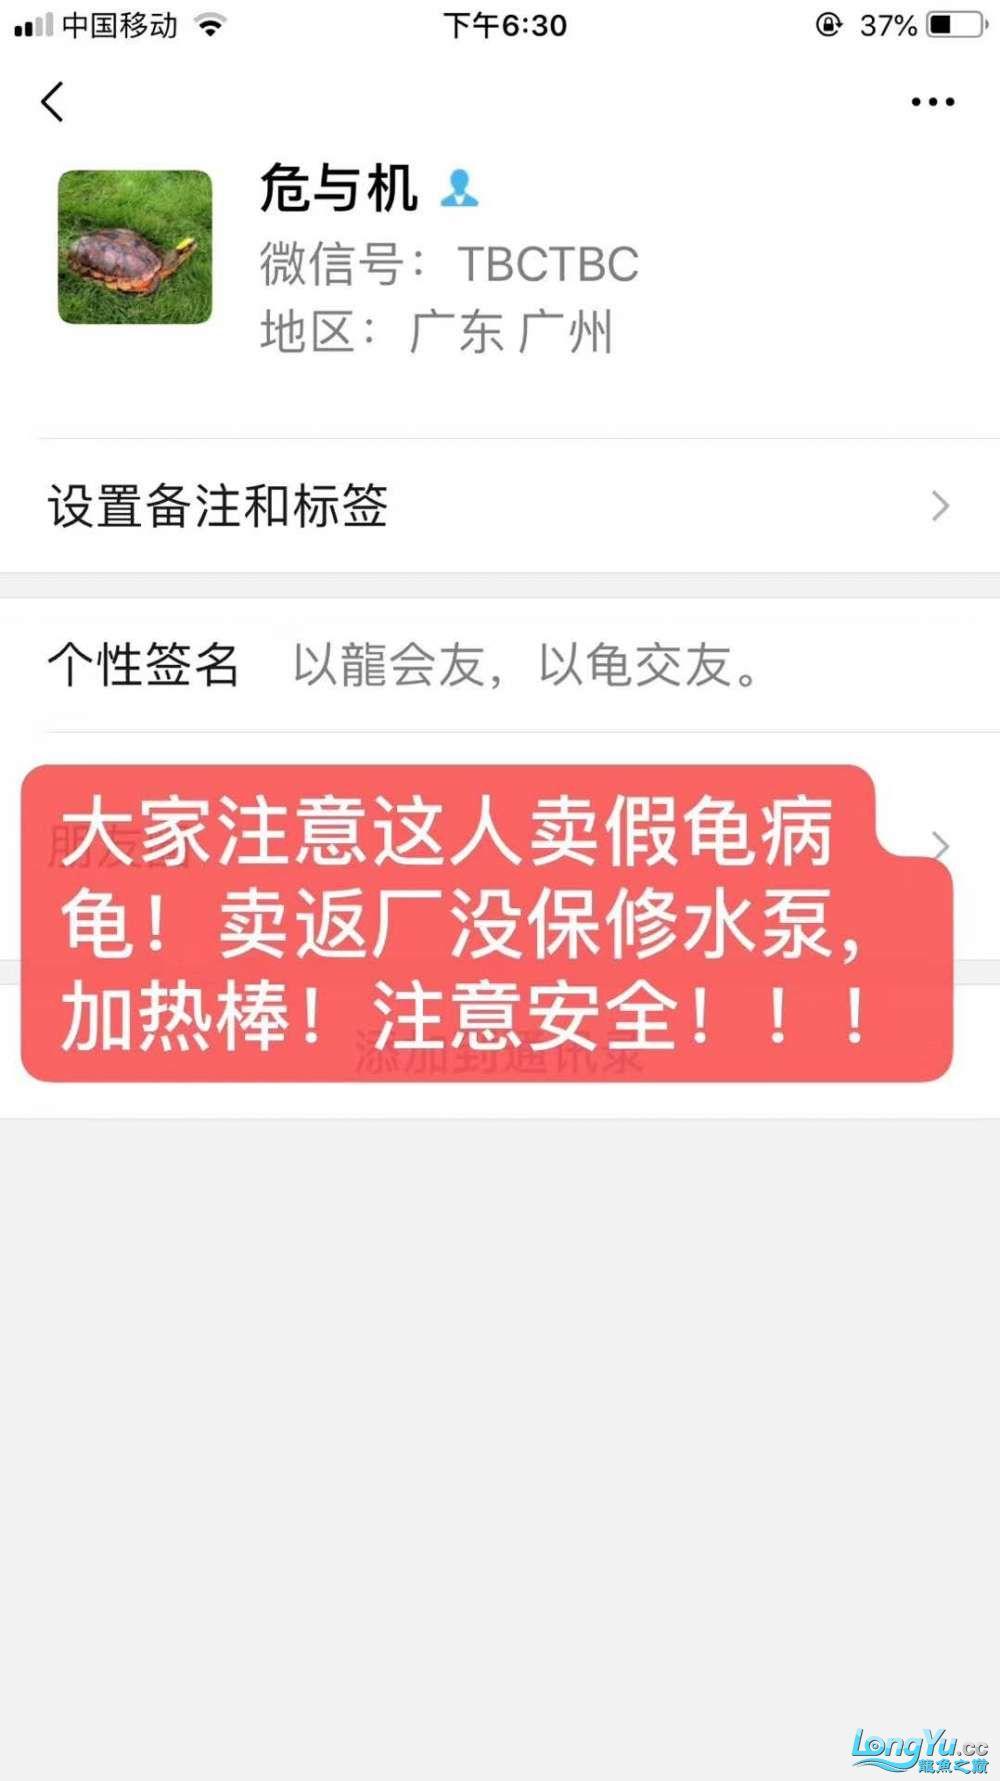 【西安四纹印尼虎苗】广州龟佬是个骗子? 西安观赏鱼信息 西安博特第3张